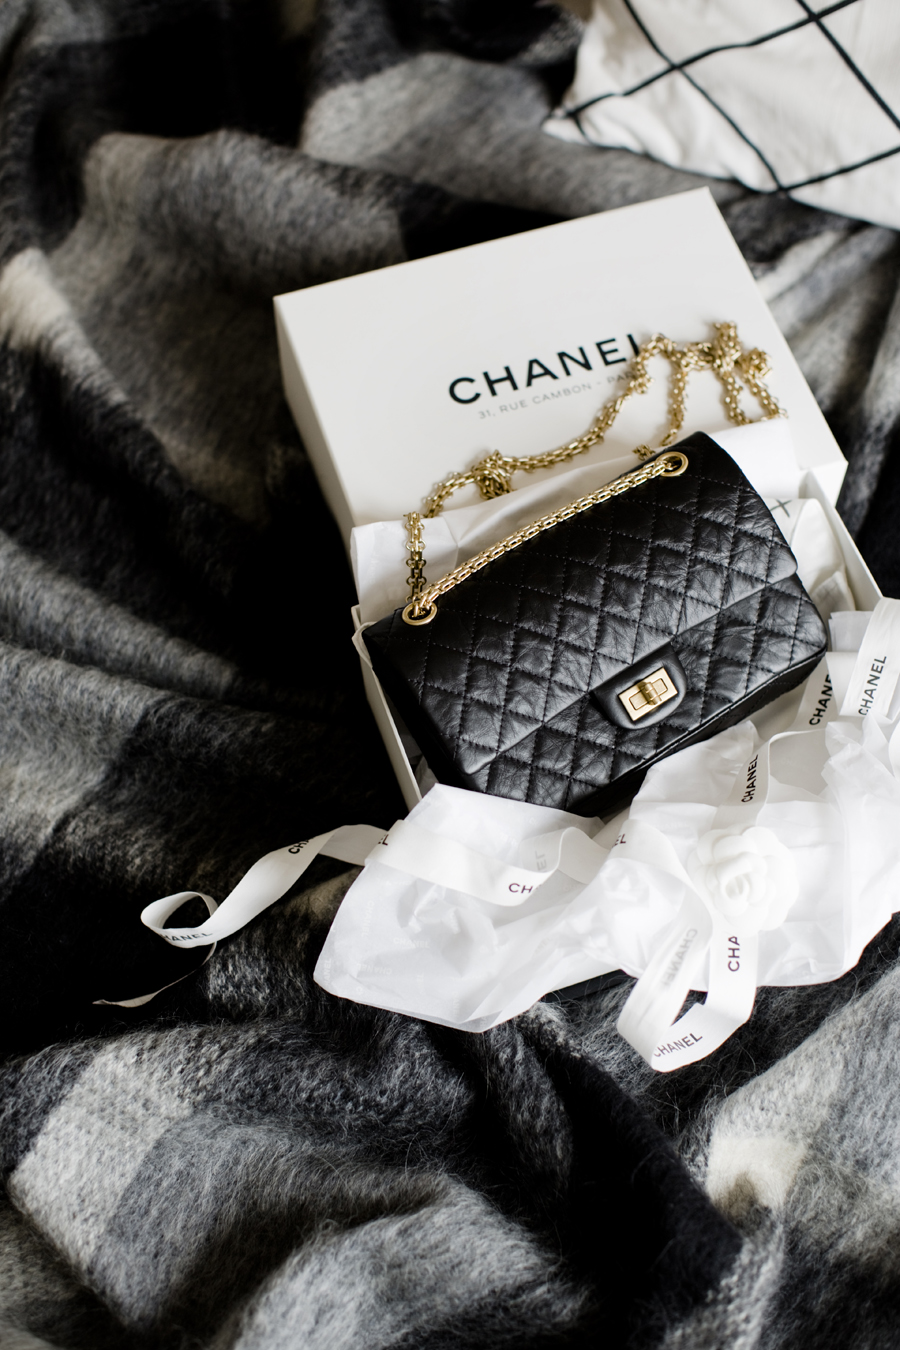 bag_chanel_2.55_1